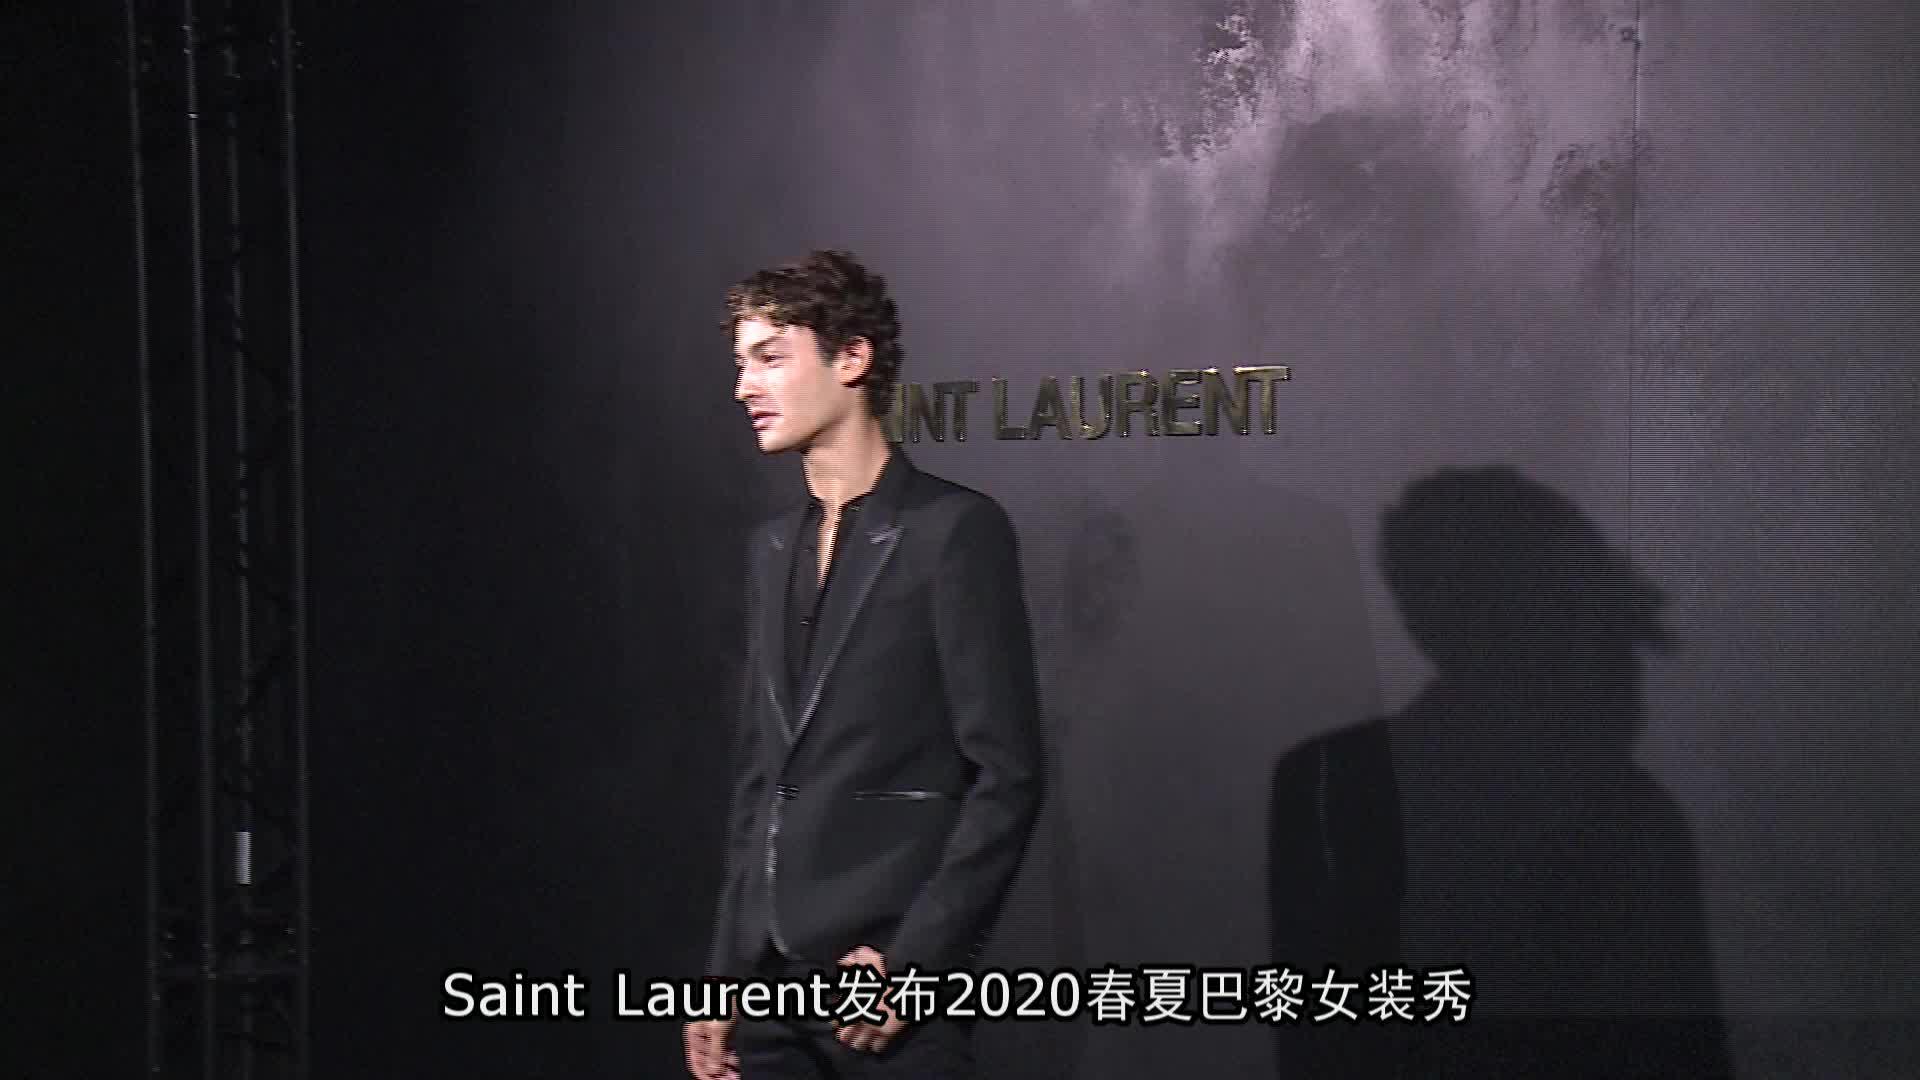 欧阳娜娜现身Saint Laurent2020春夏巴黎女装秀